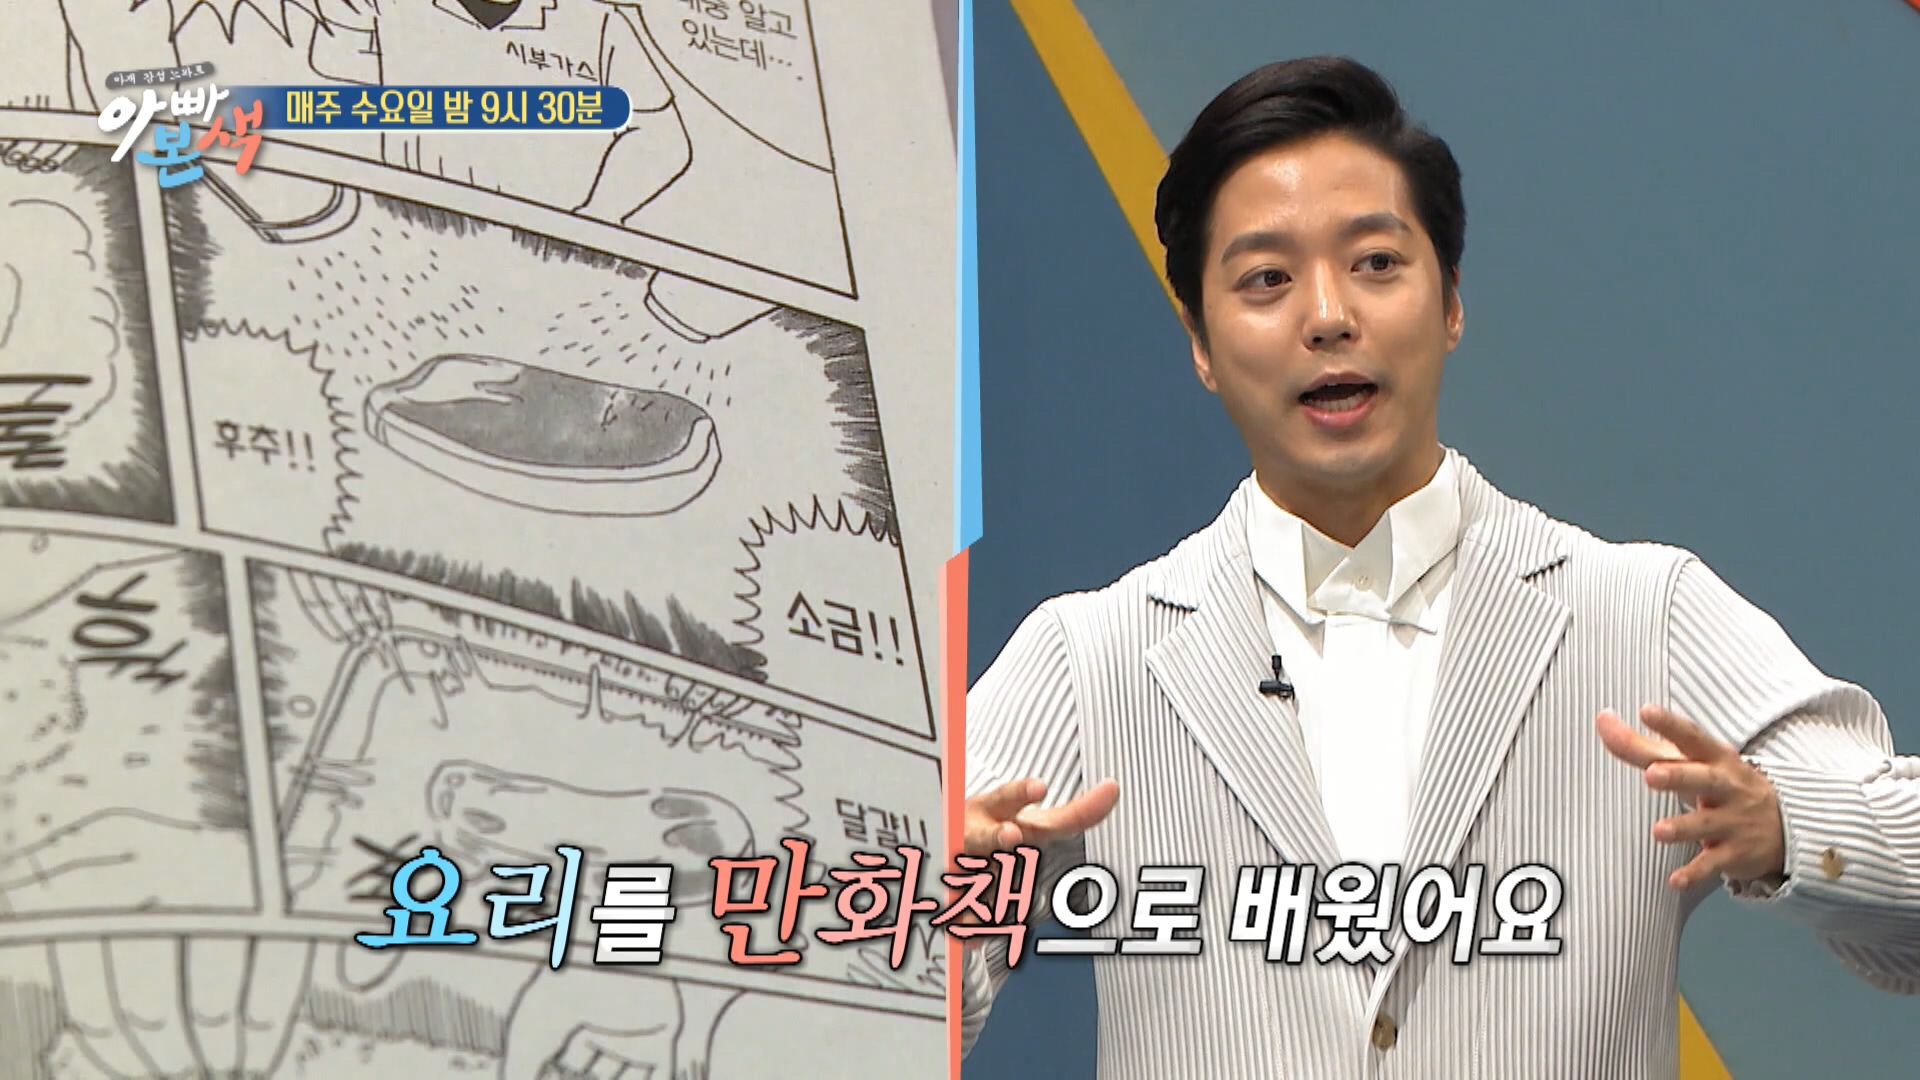 [선공개] 만화 덕후 김형규, 만화책 속 요리를 실제로? 이미 폭망 느낌.. 이미지